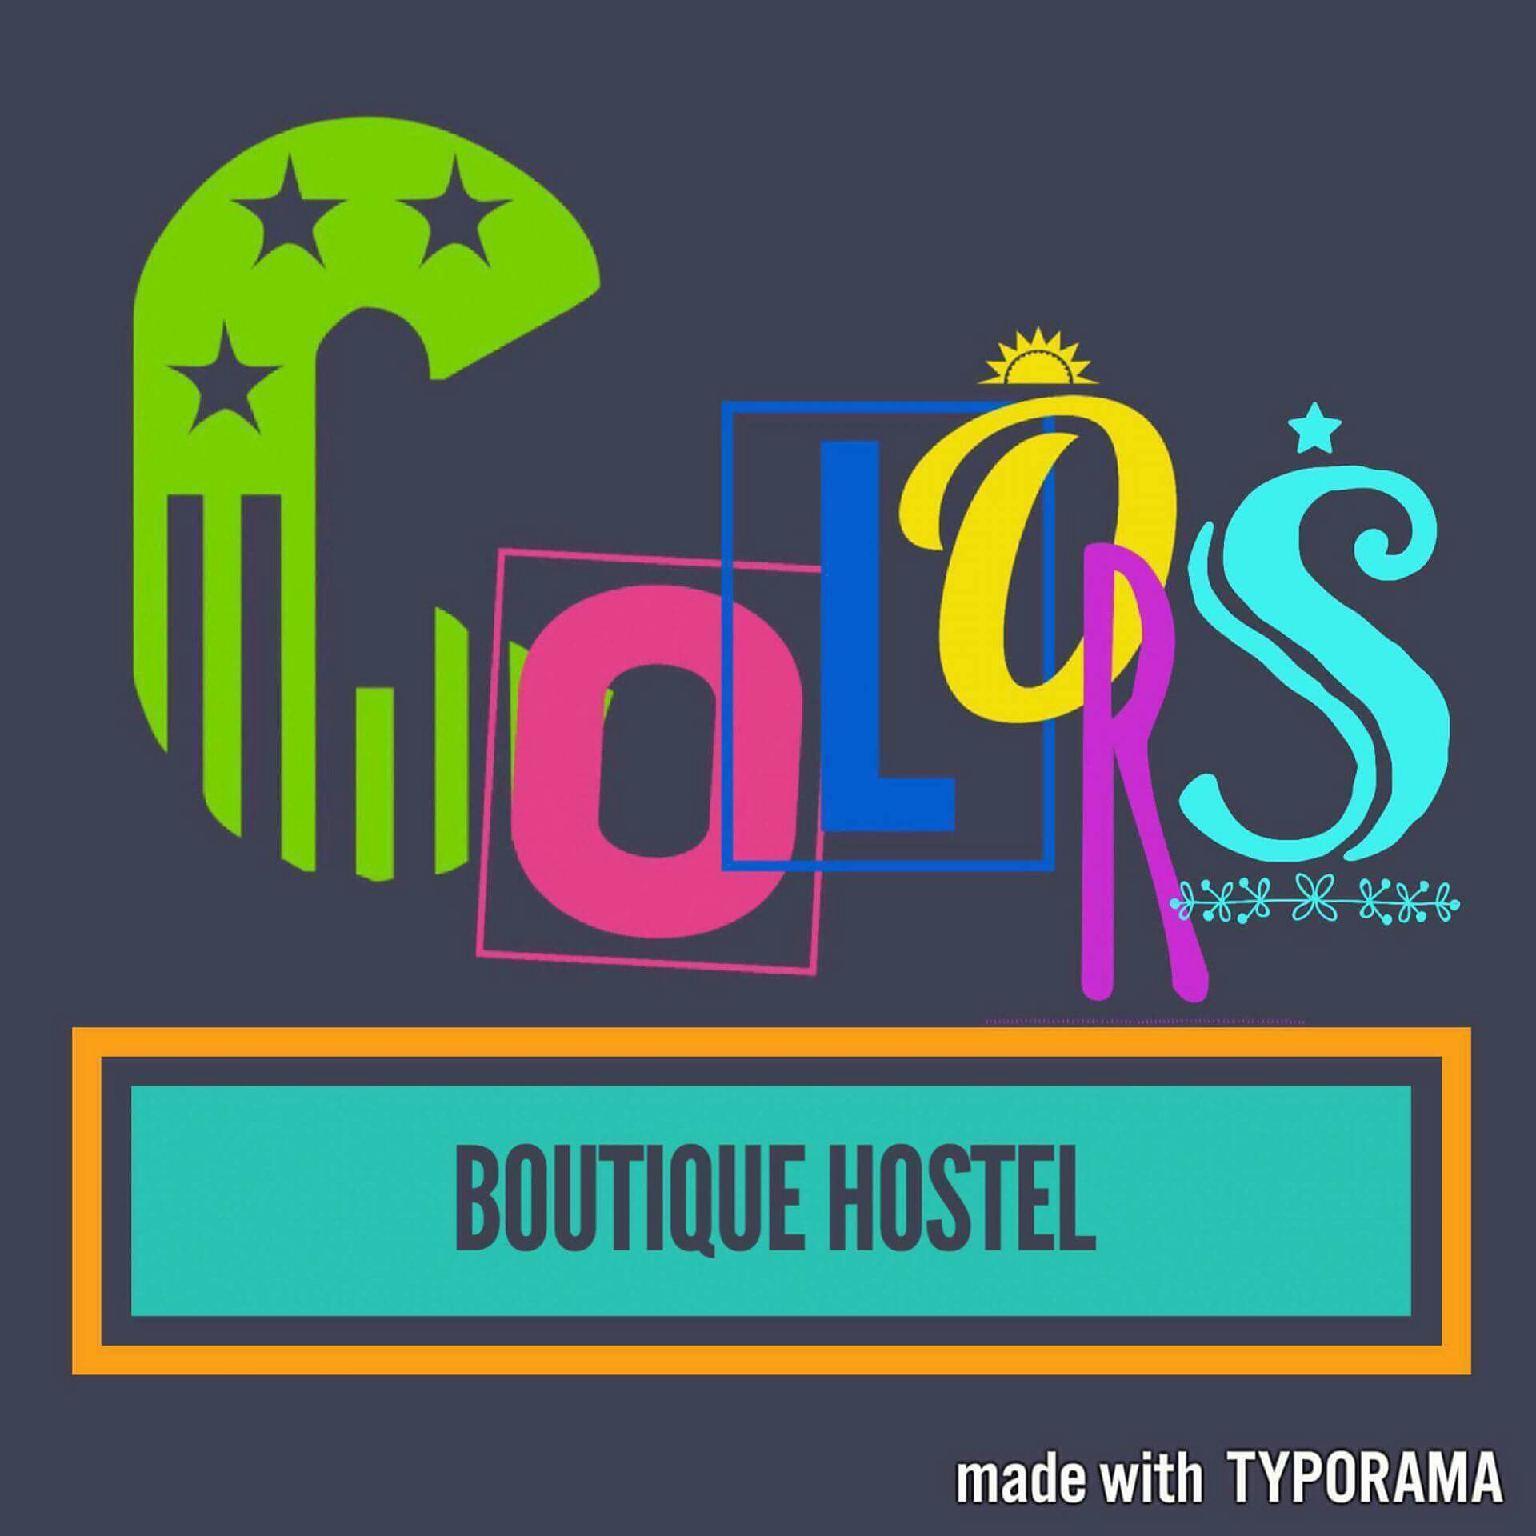 Colors Boutique Hostel